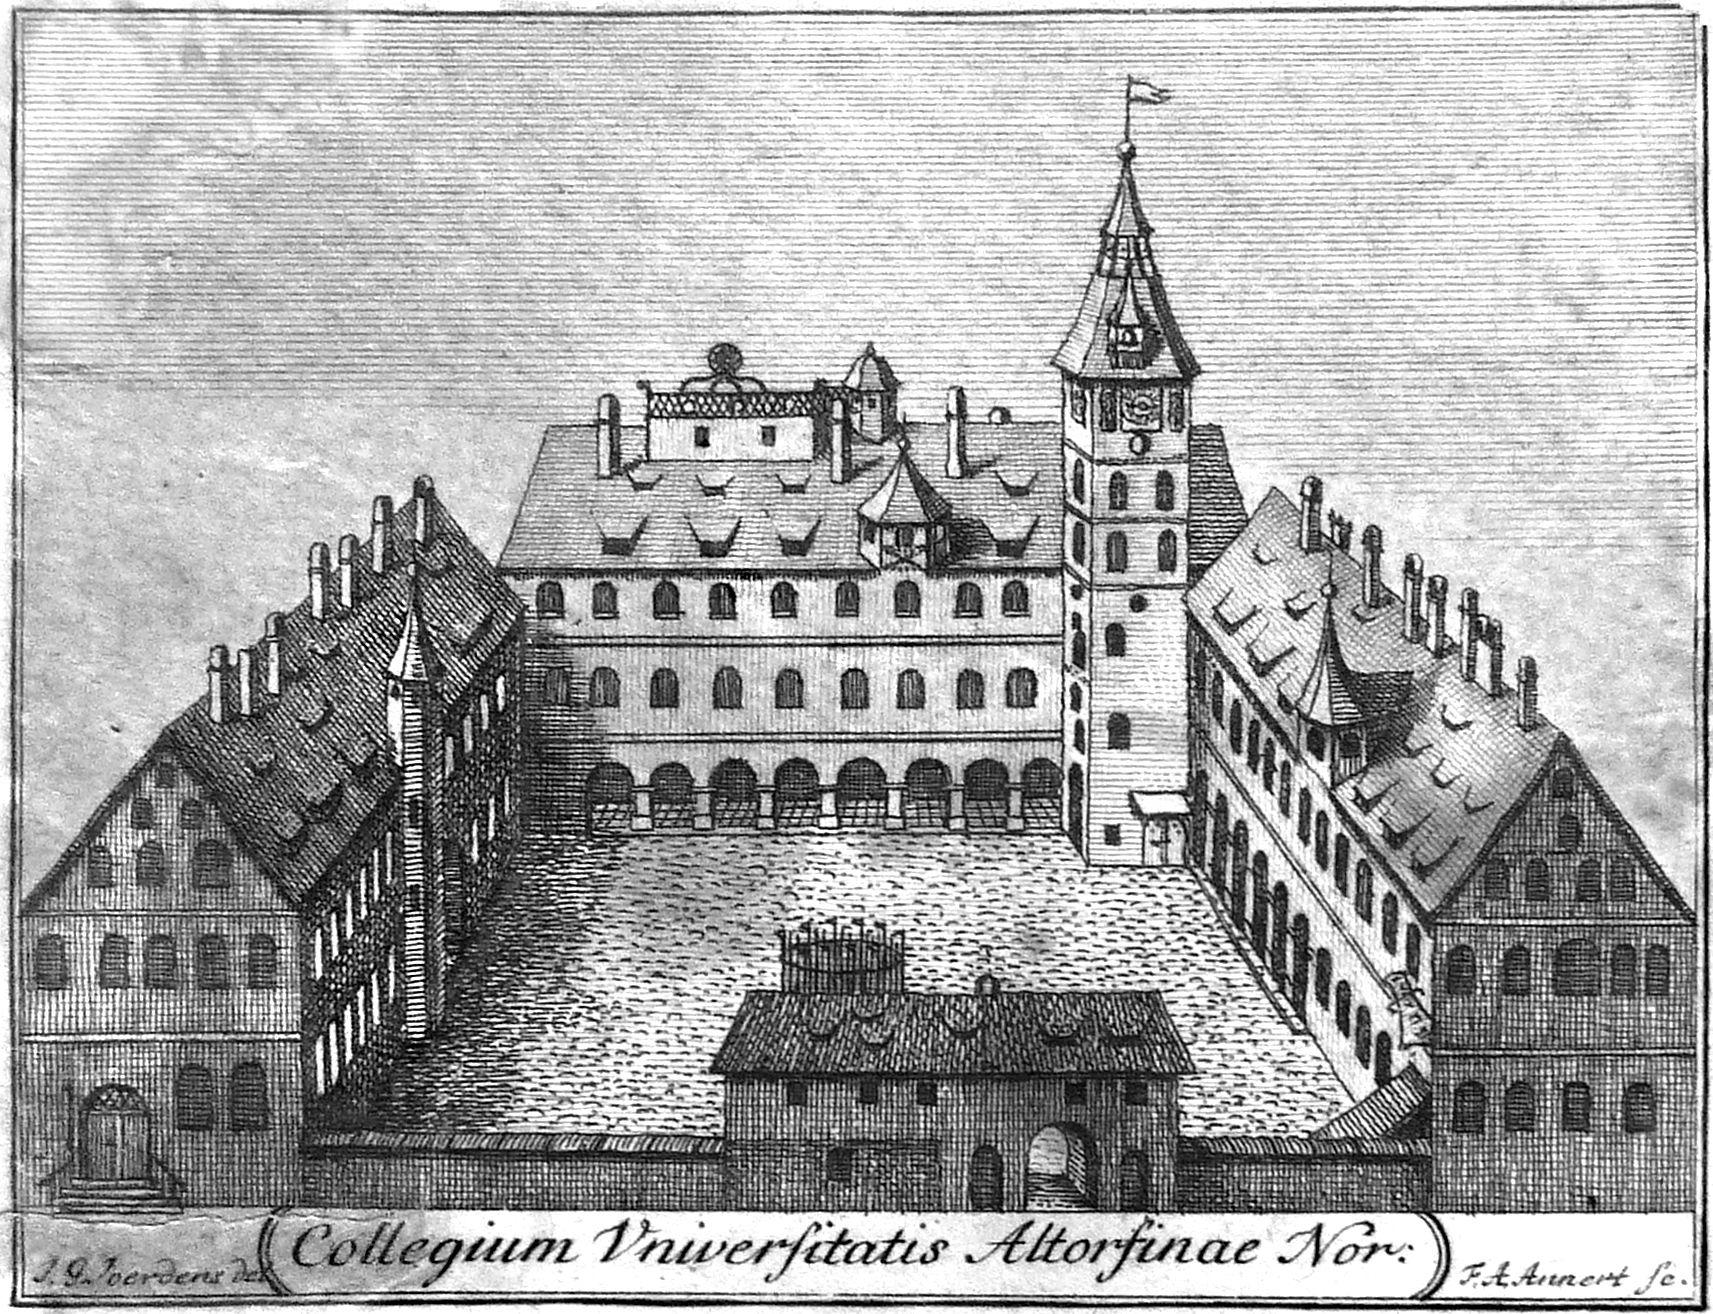 Collegium Universitatis Altorfinae Nor. Gesamtansicht